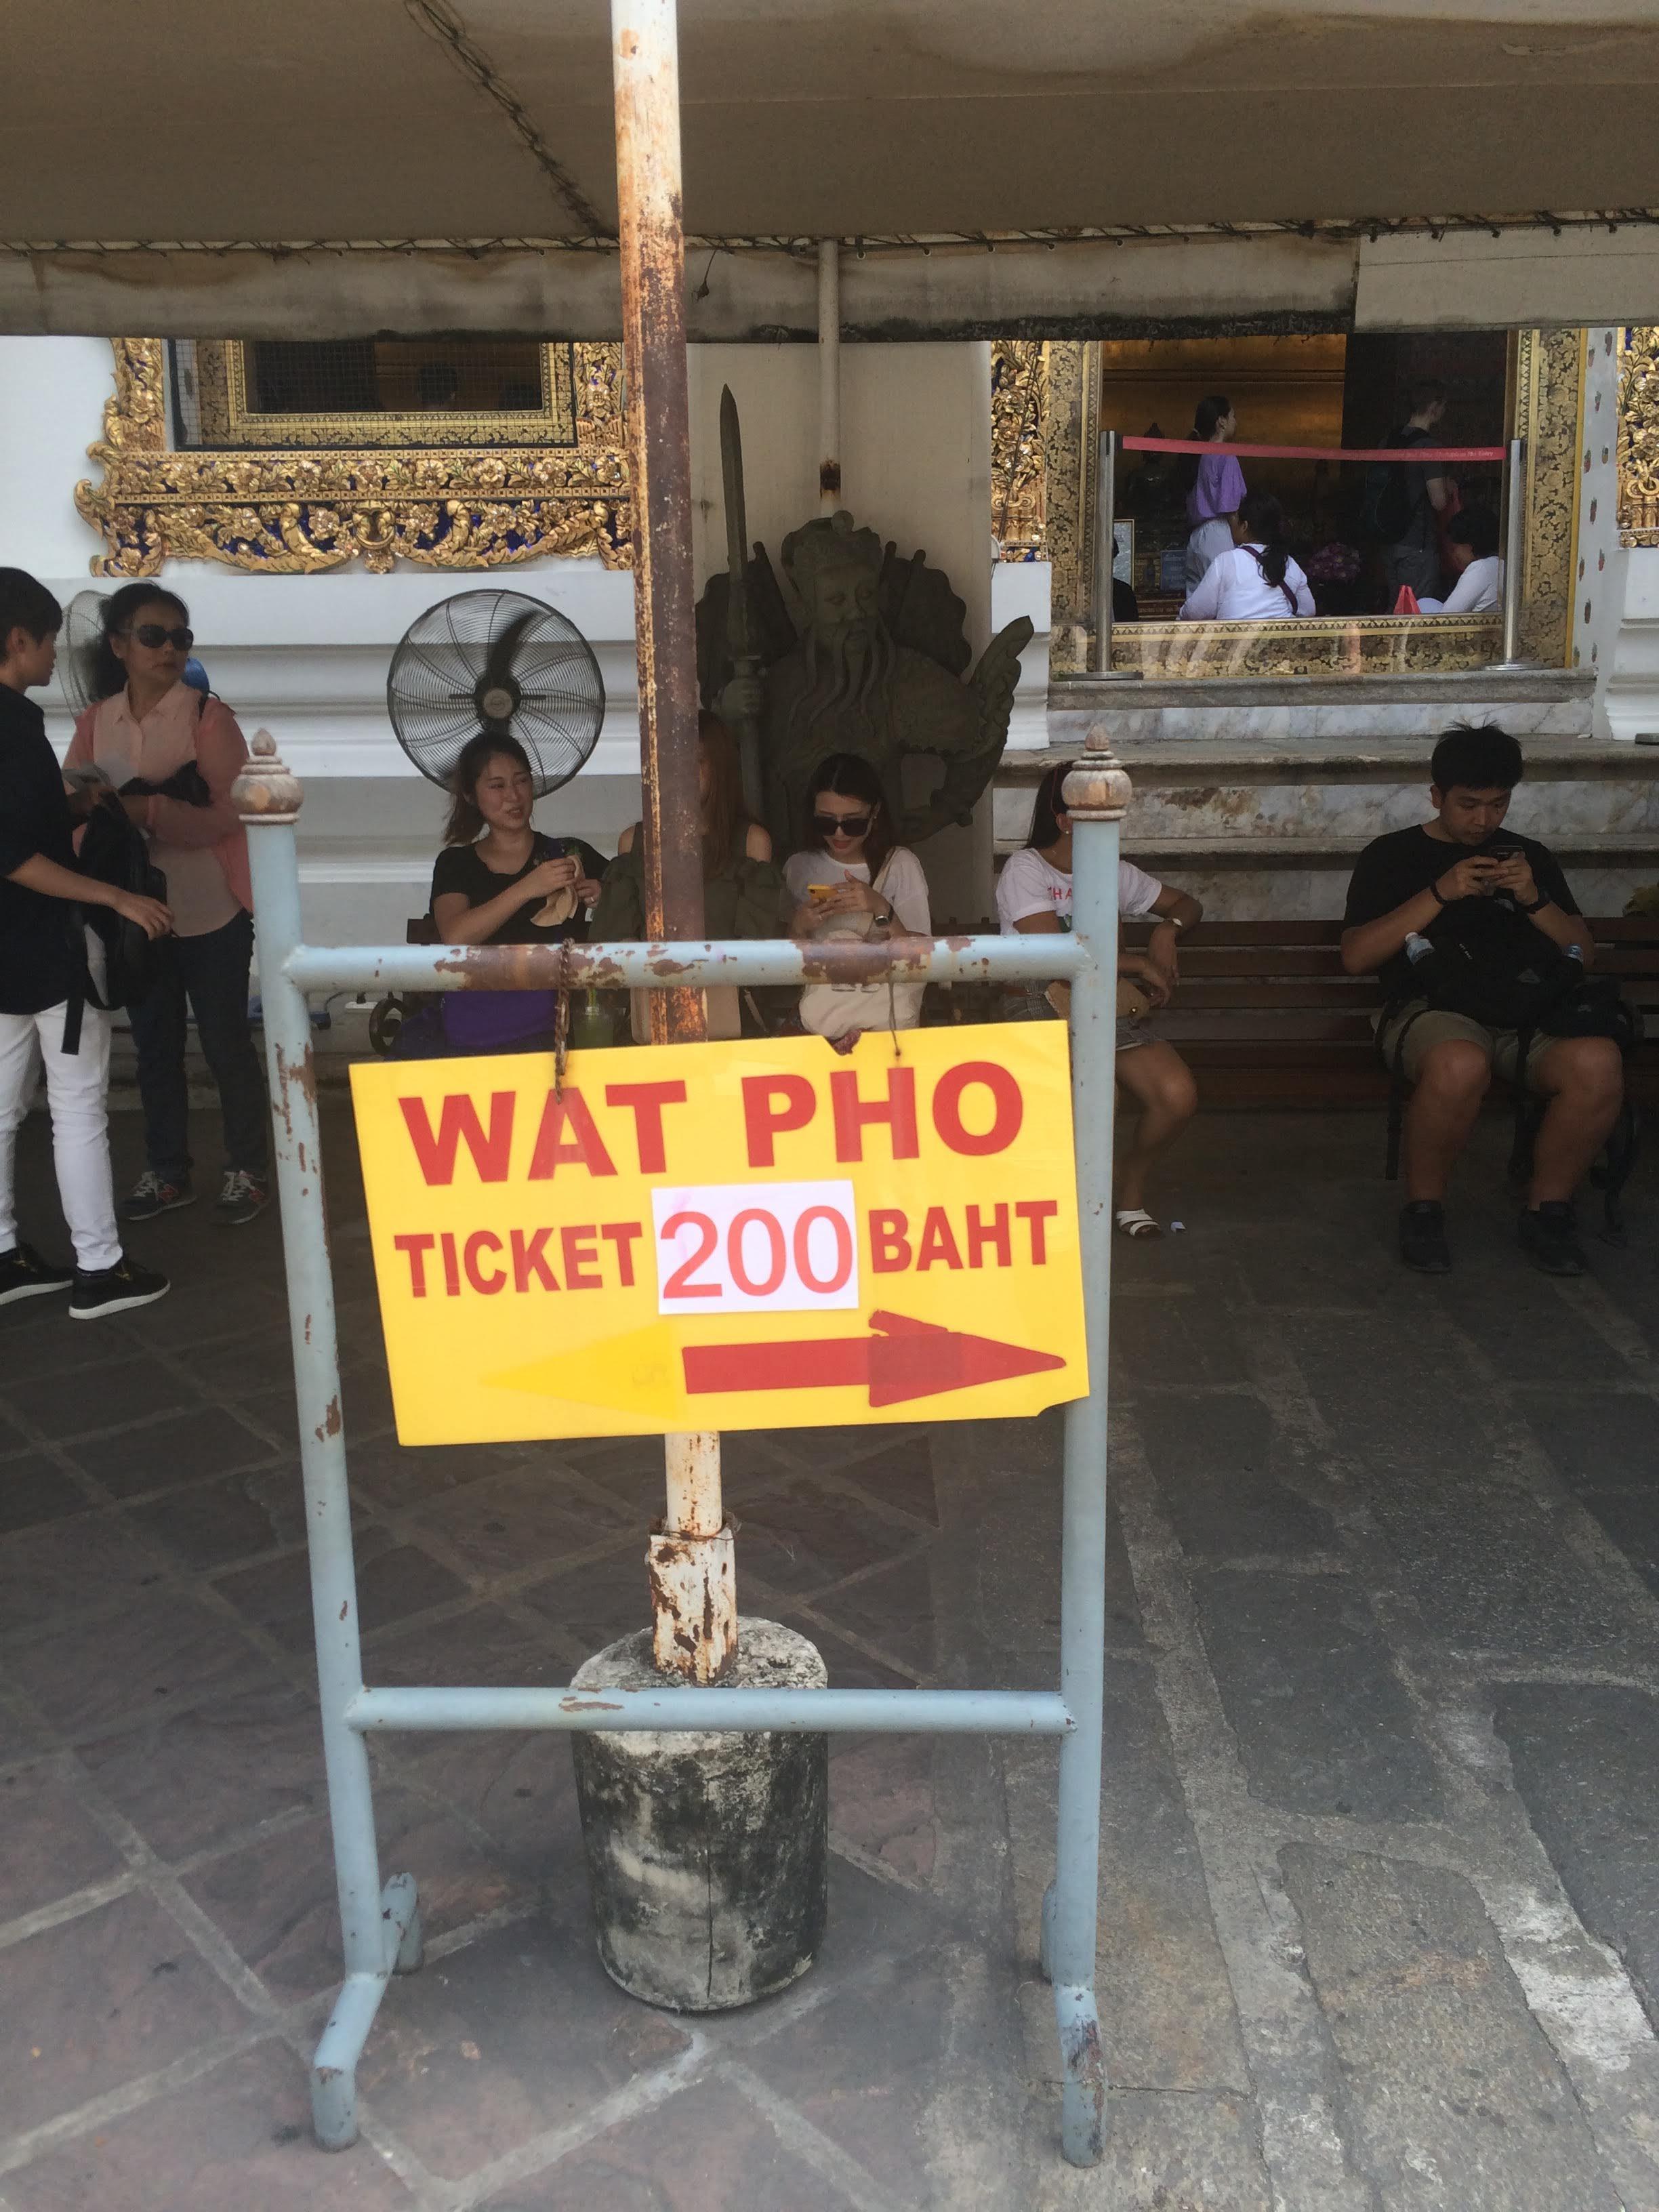 まぁまぁ速報その2 2019年初旬に訪れたバンコクでワット・ポーの拝観料が200THBに上がっていた件